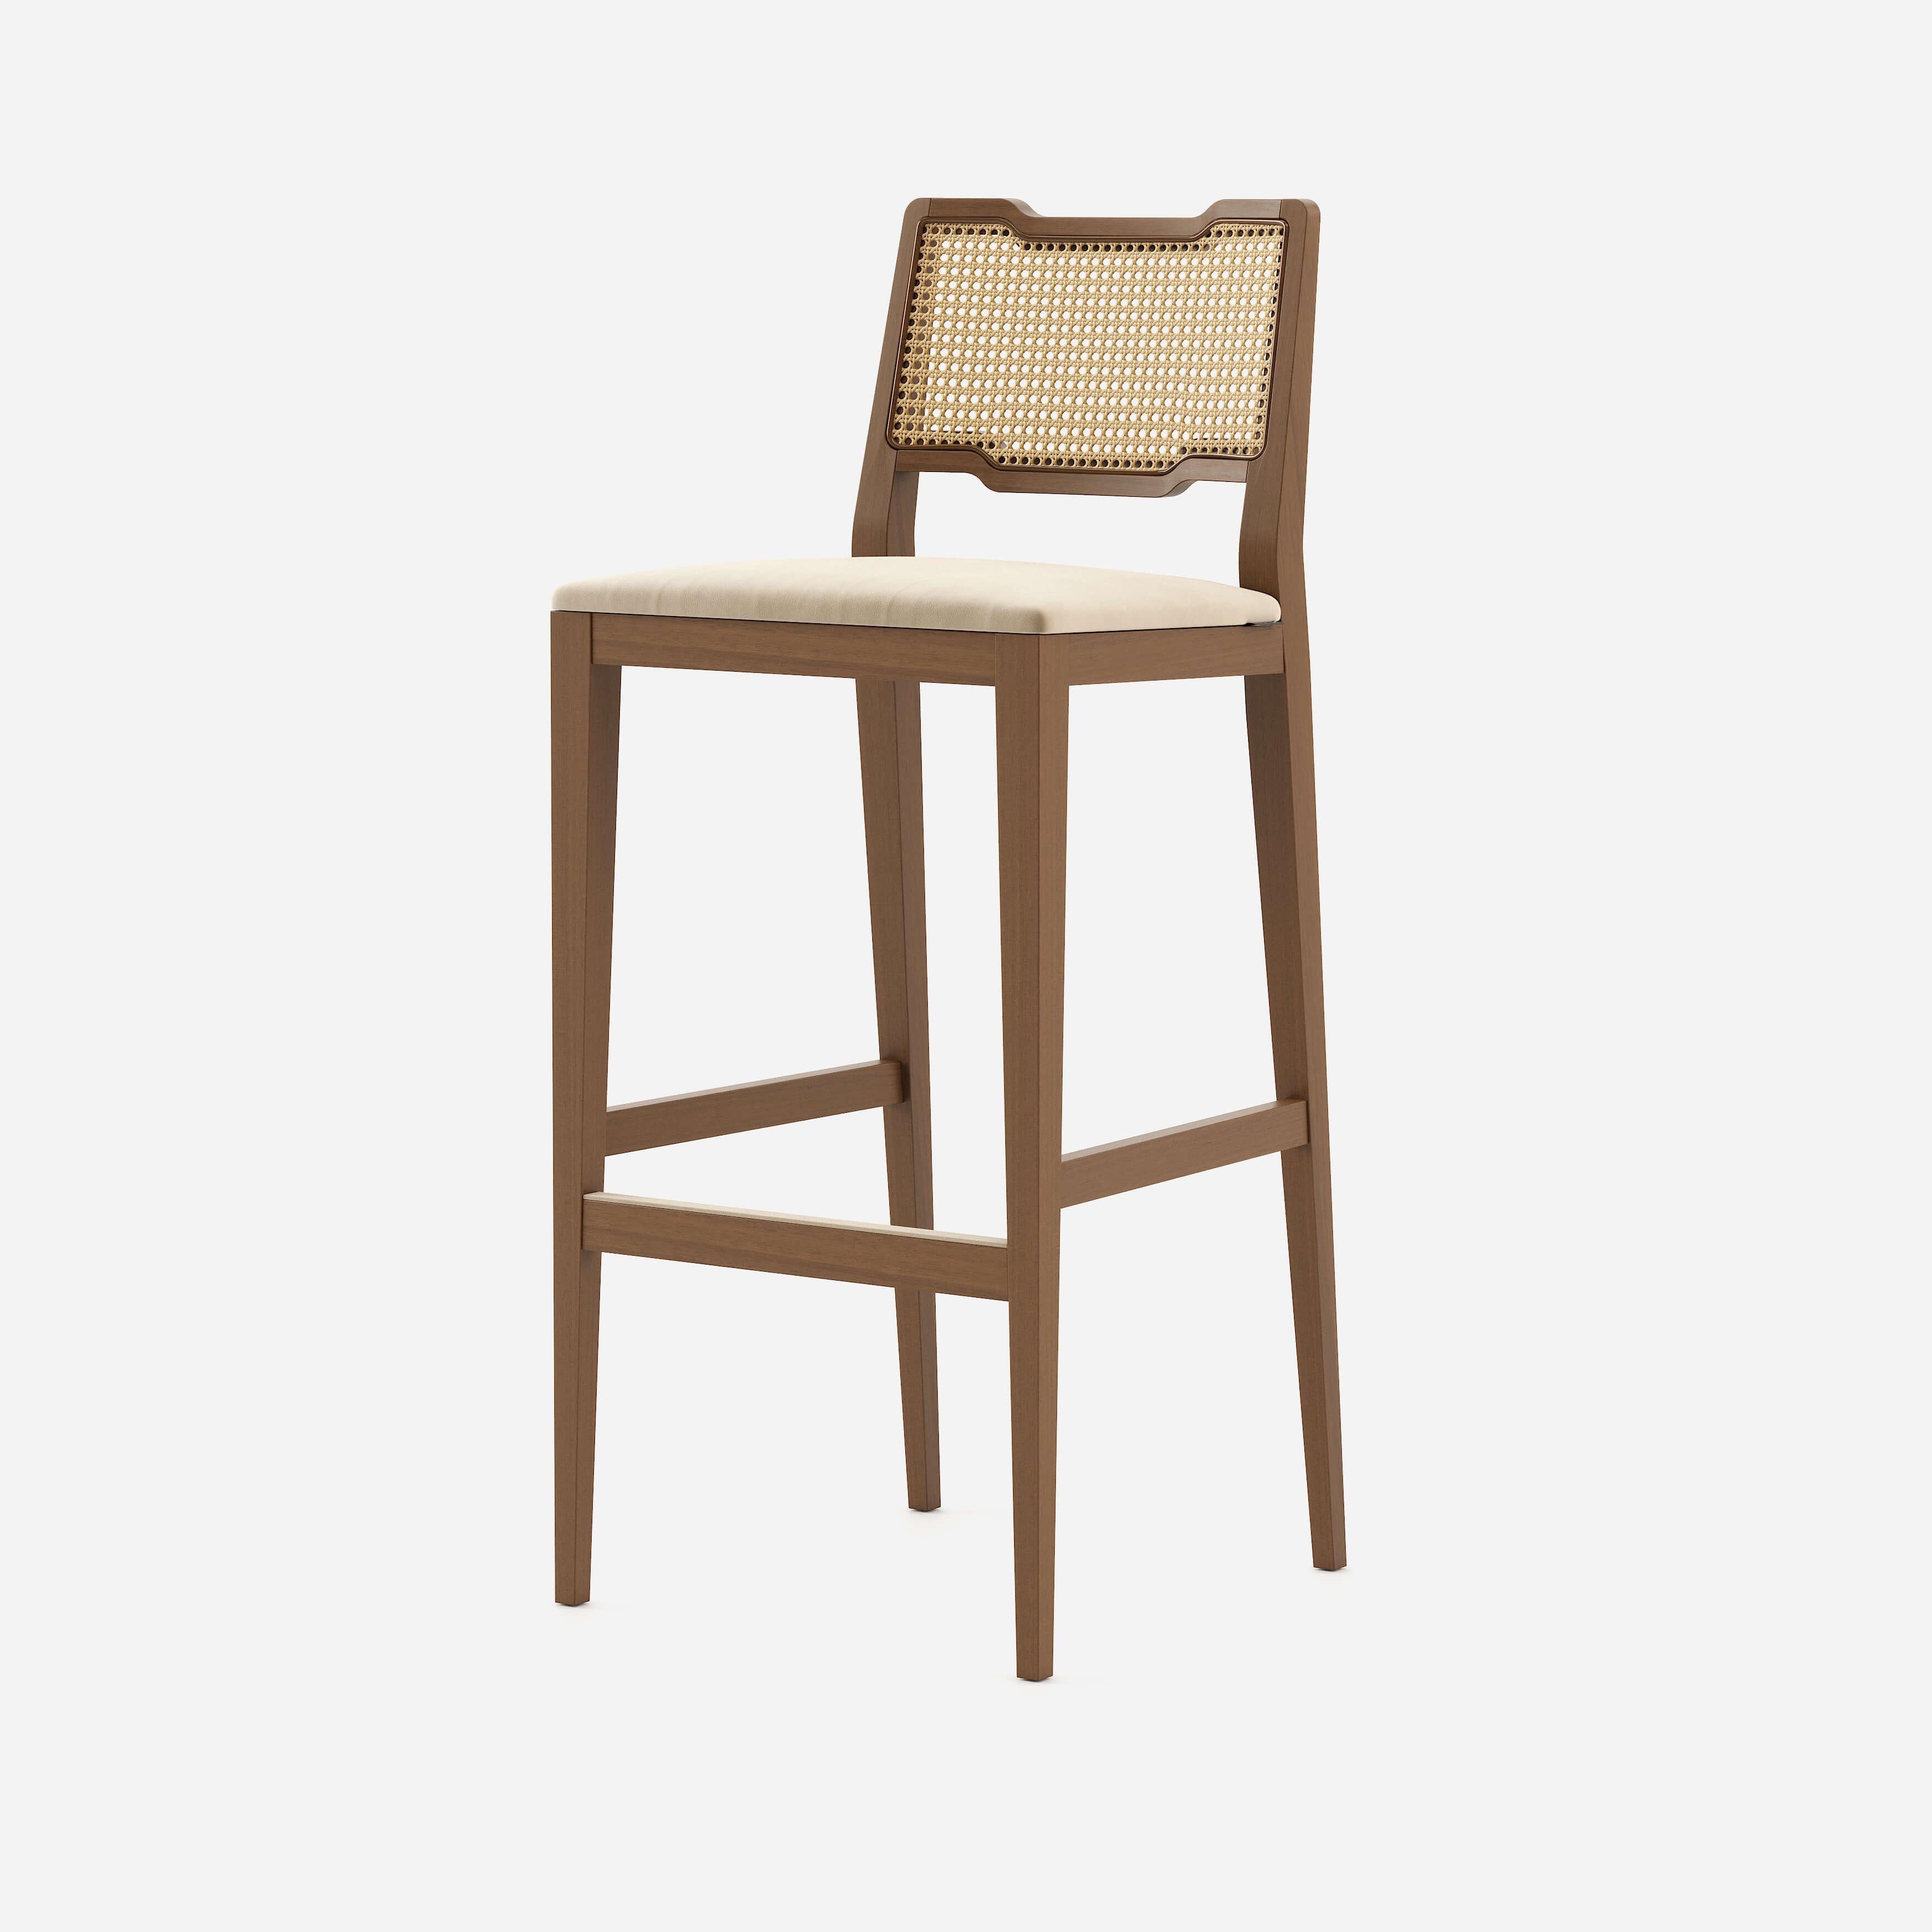 eva-counter-chair-domkapa-elemental-collection-interior-design